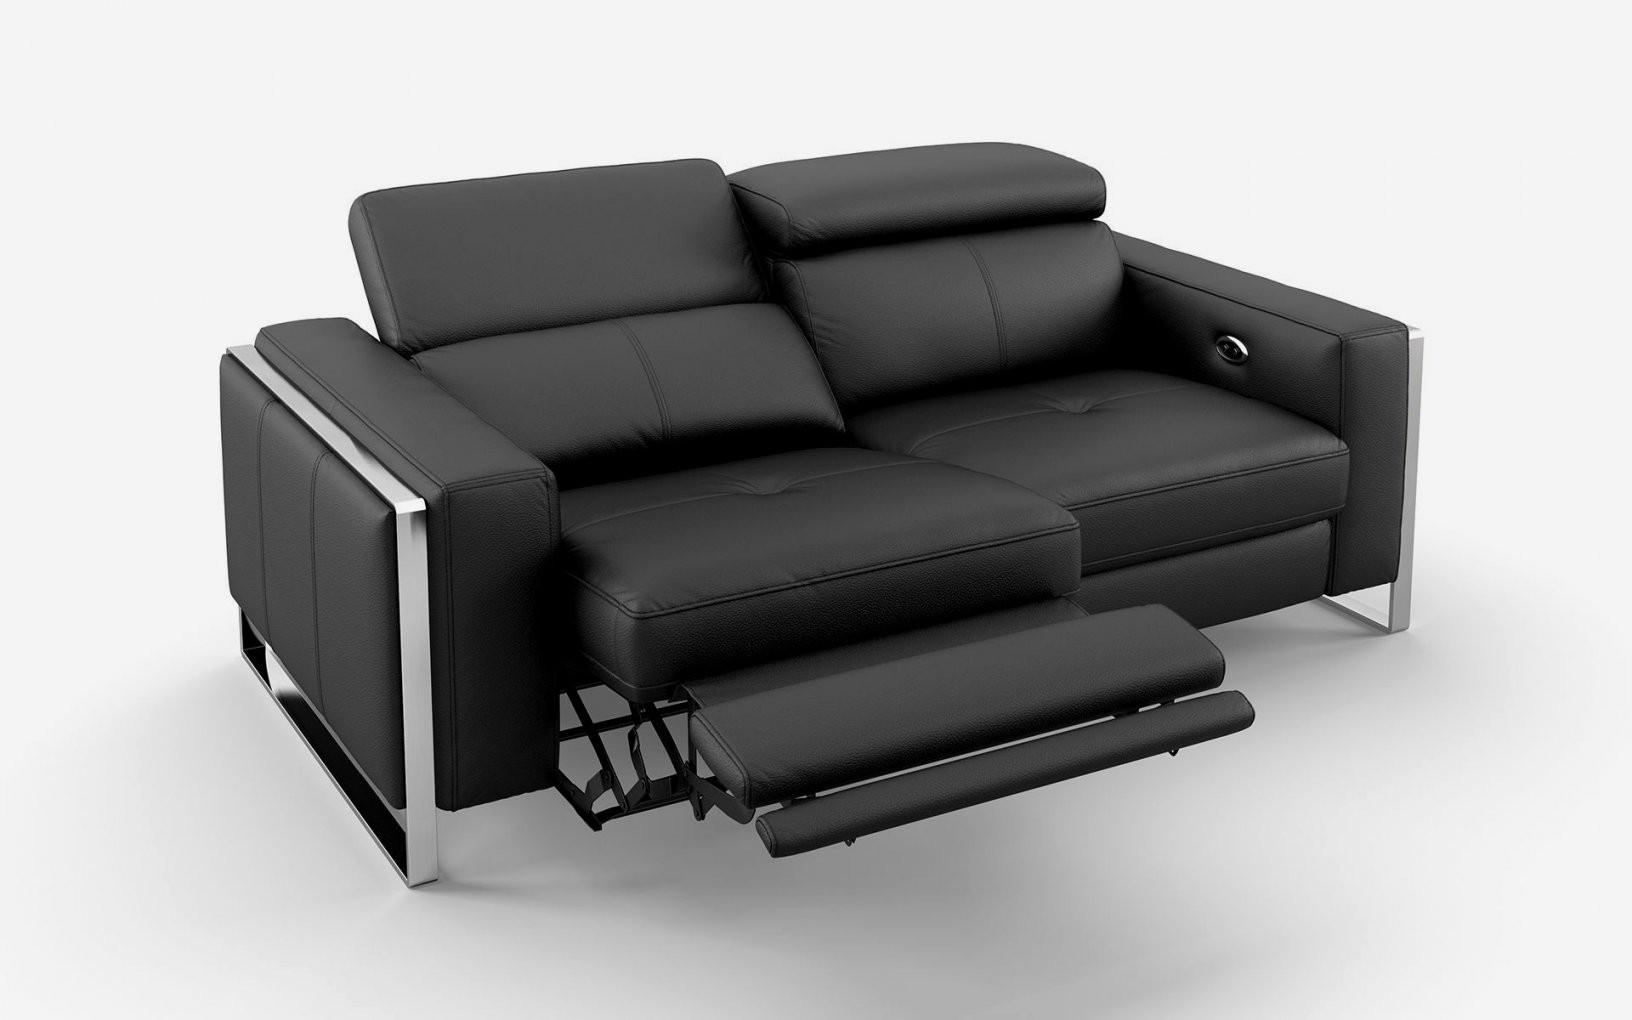 Häusliche Verbesserung Relax Sofa 2 Sitzer City Mit Relaxfunktion von 2 Sitzer City Sofa Mit Relaxfunktion Bild